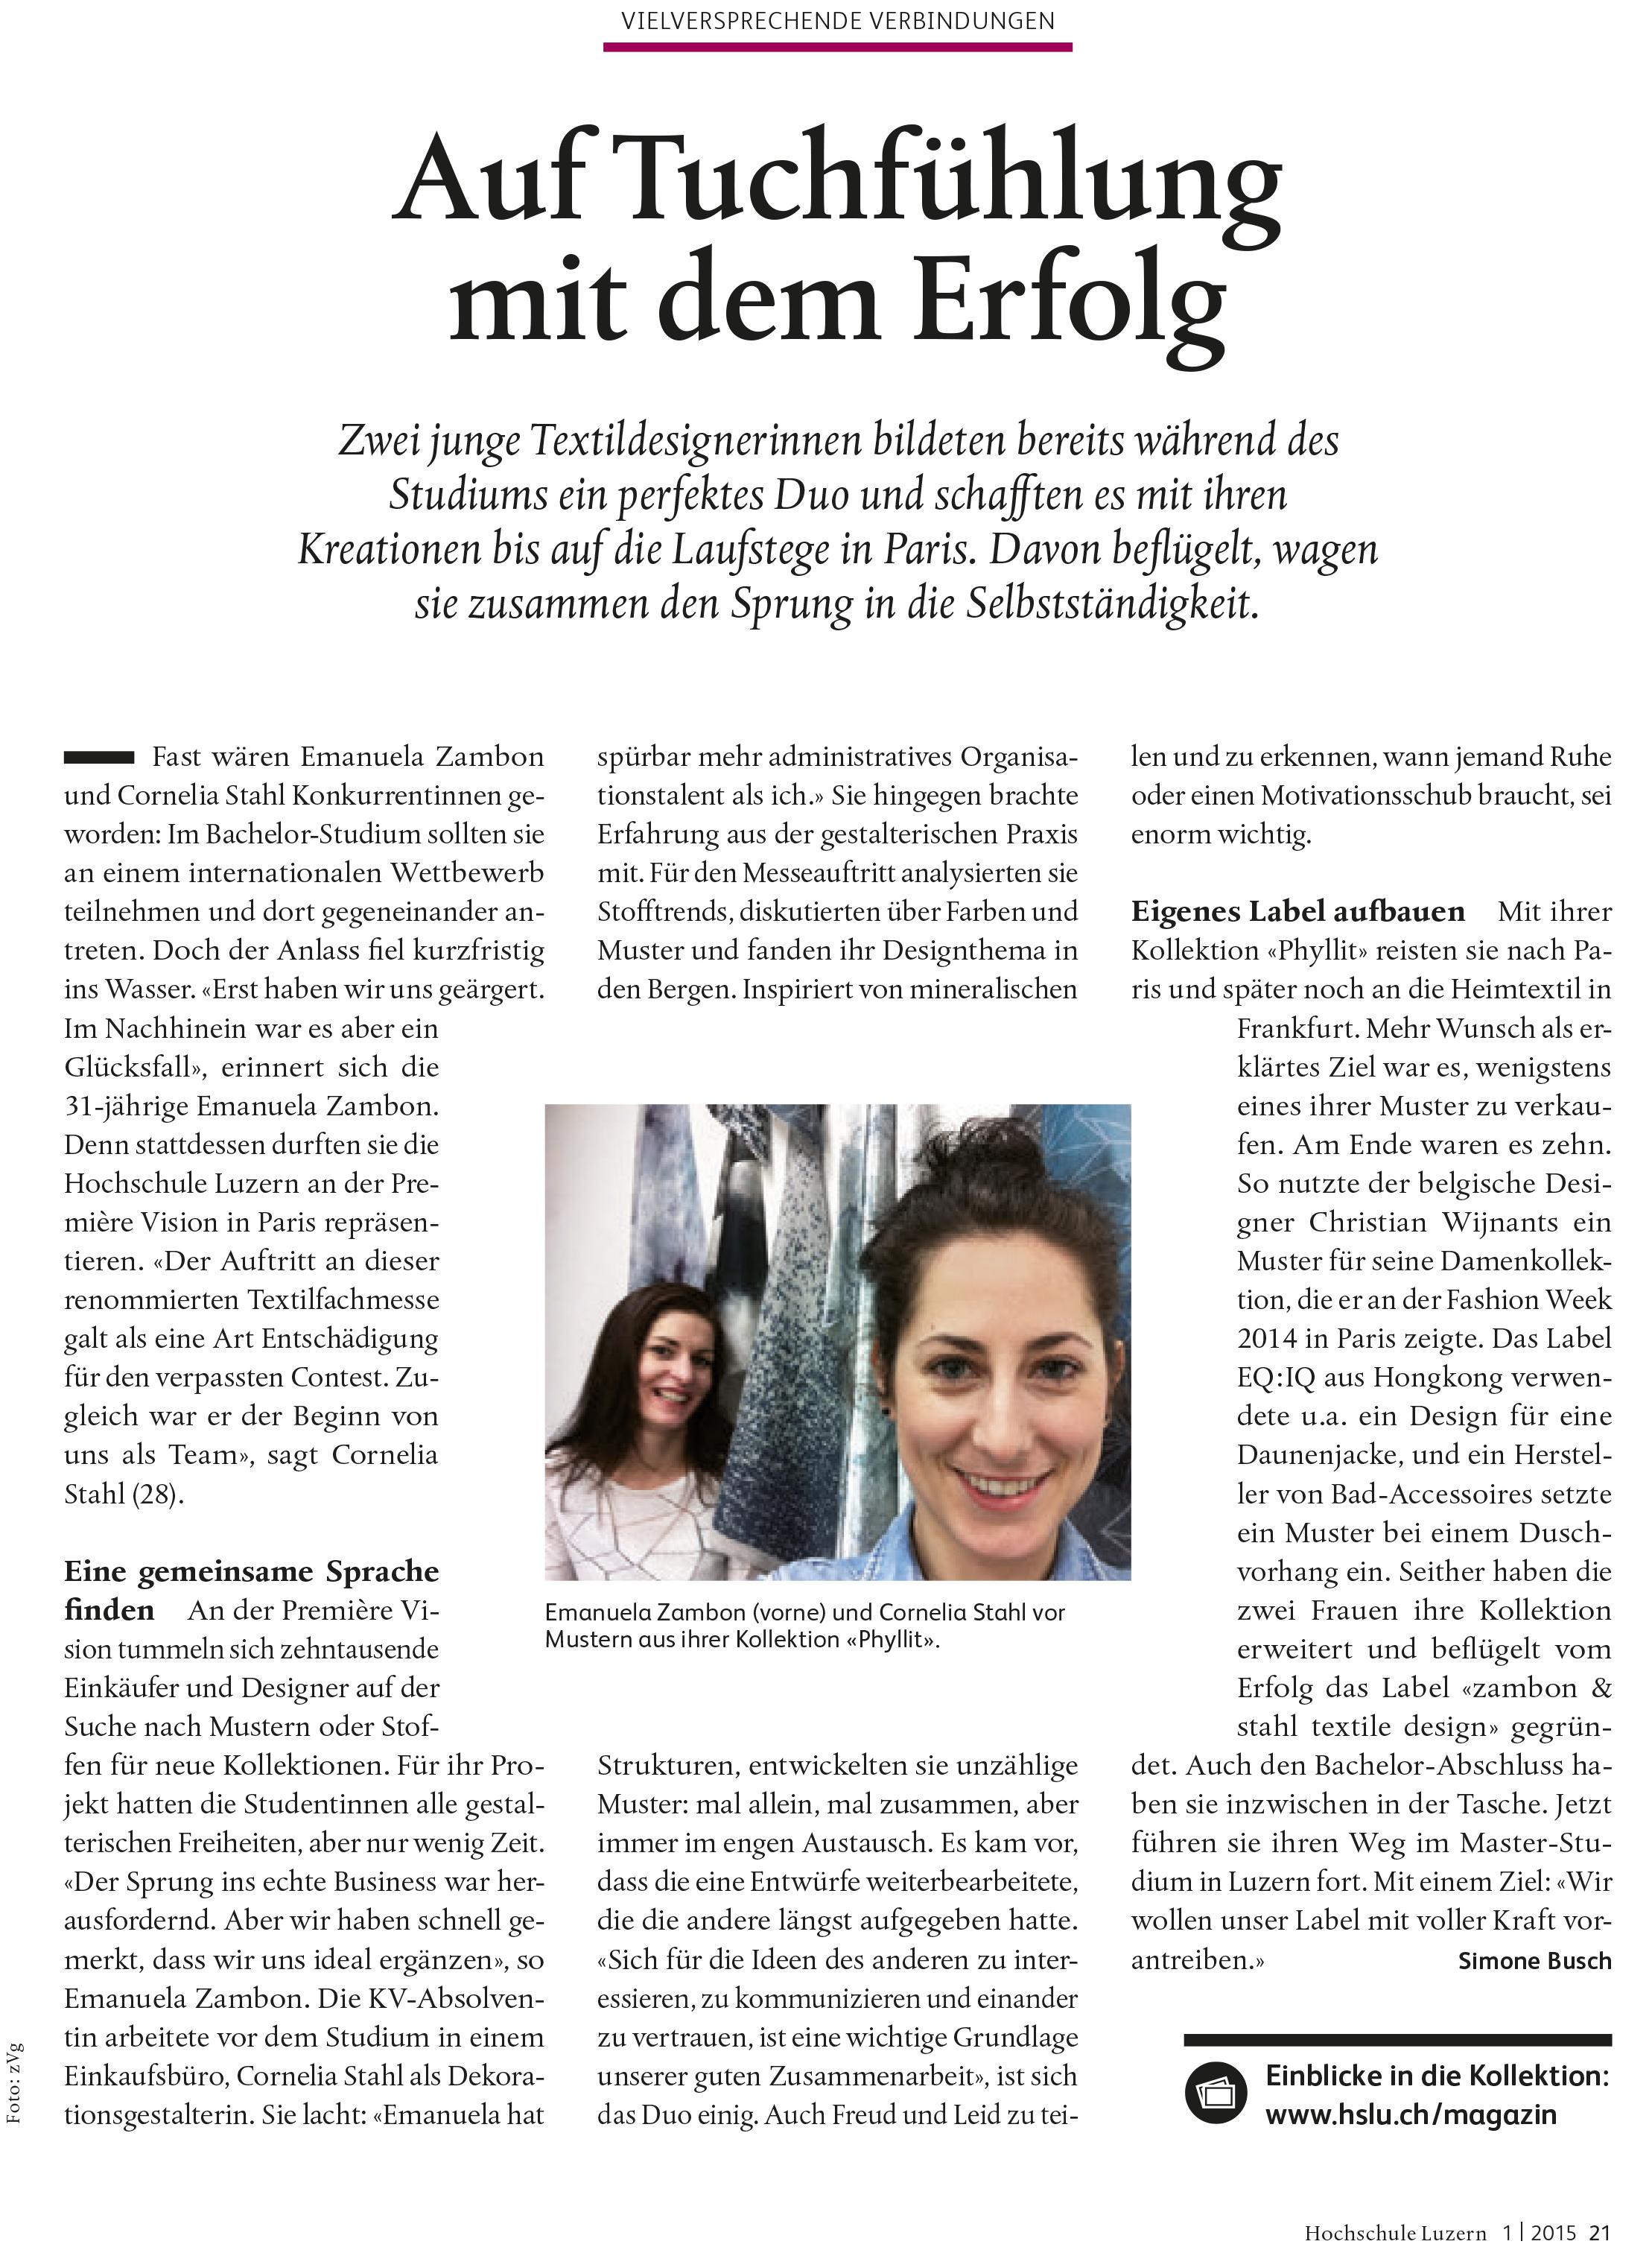 HSLU-Magazin_Auf Tuchfühlung